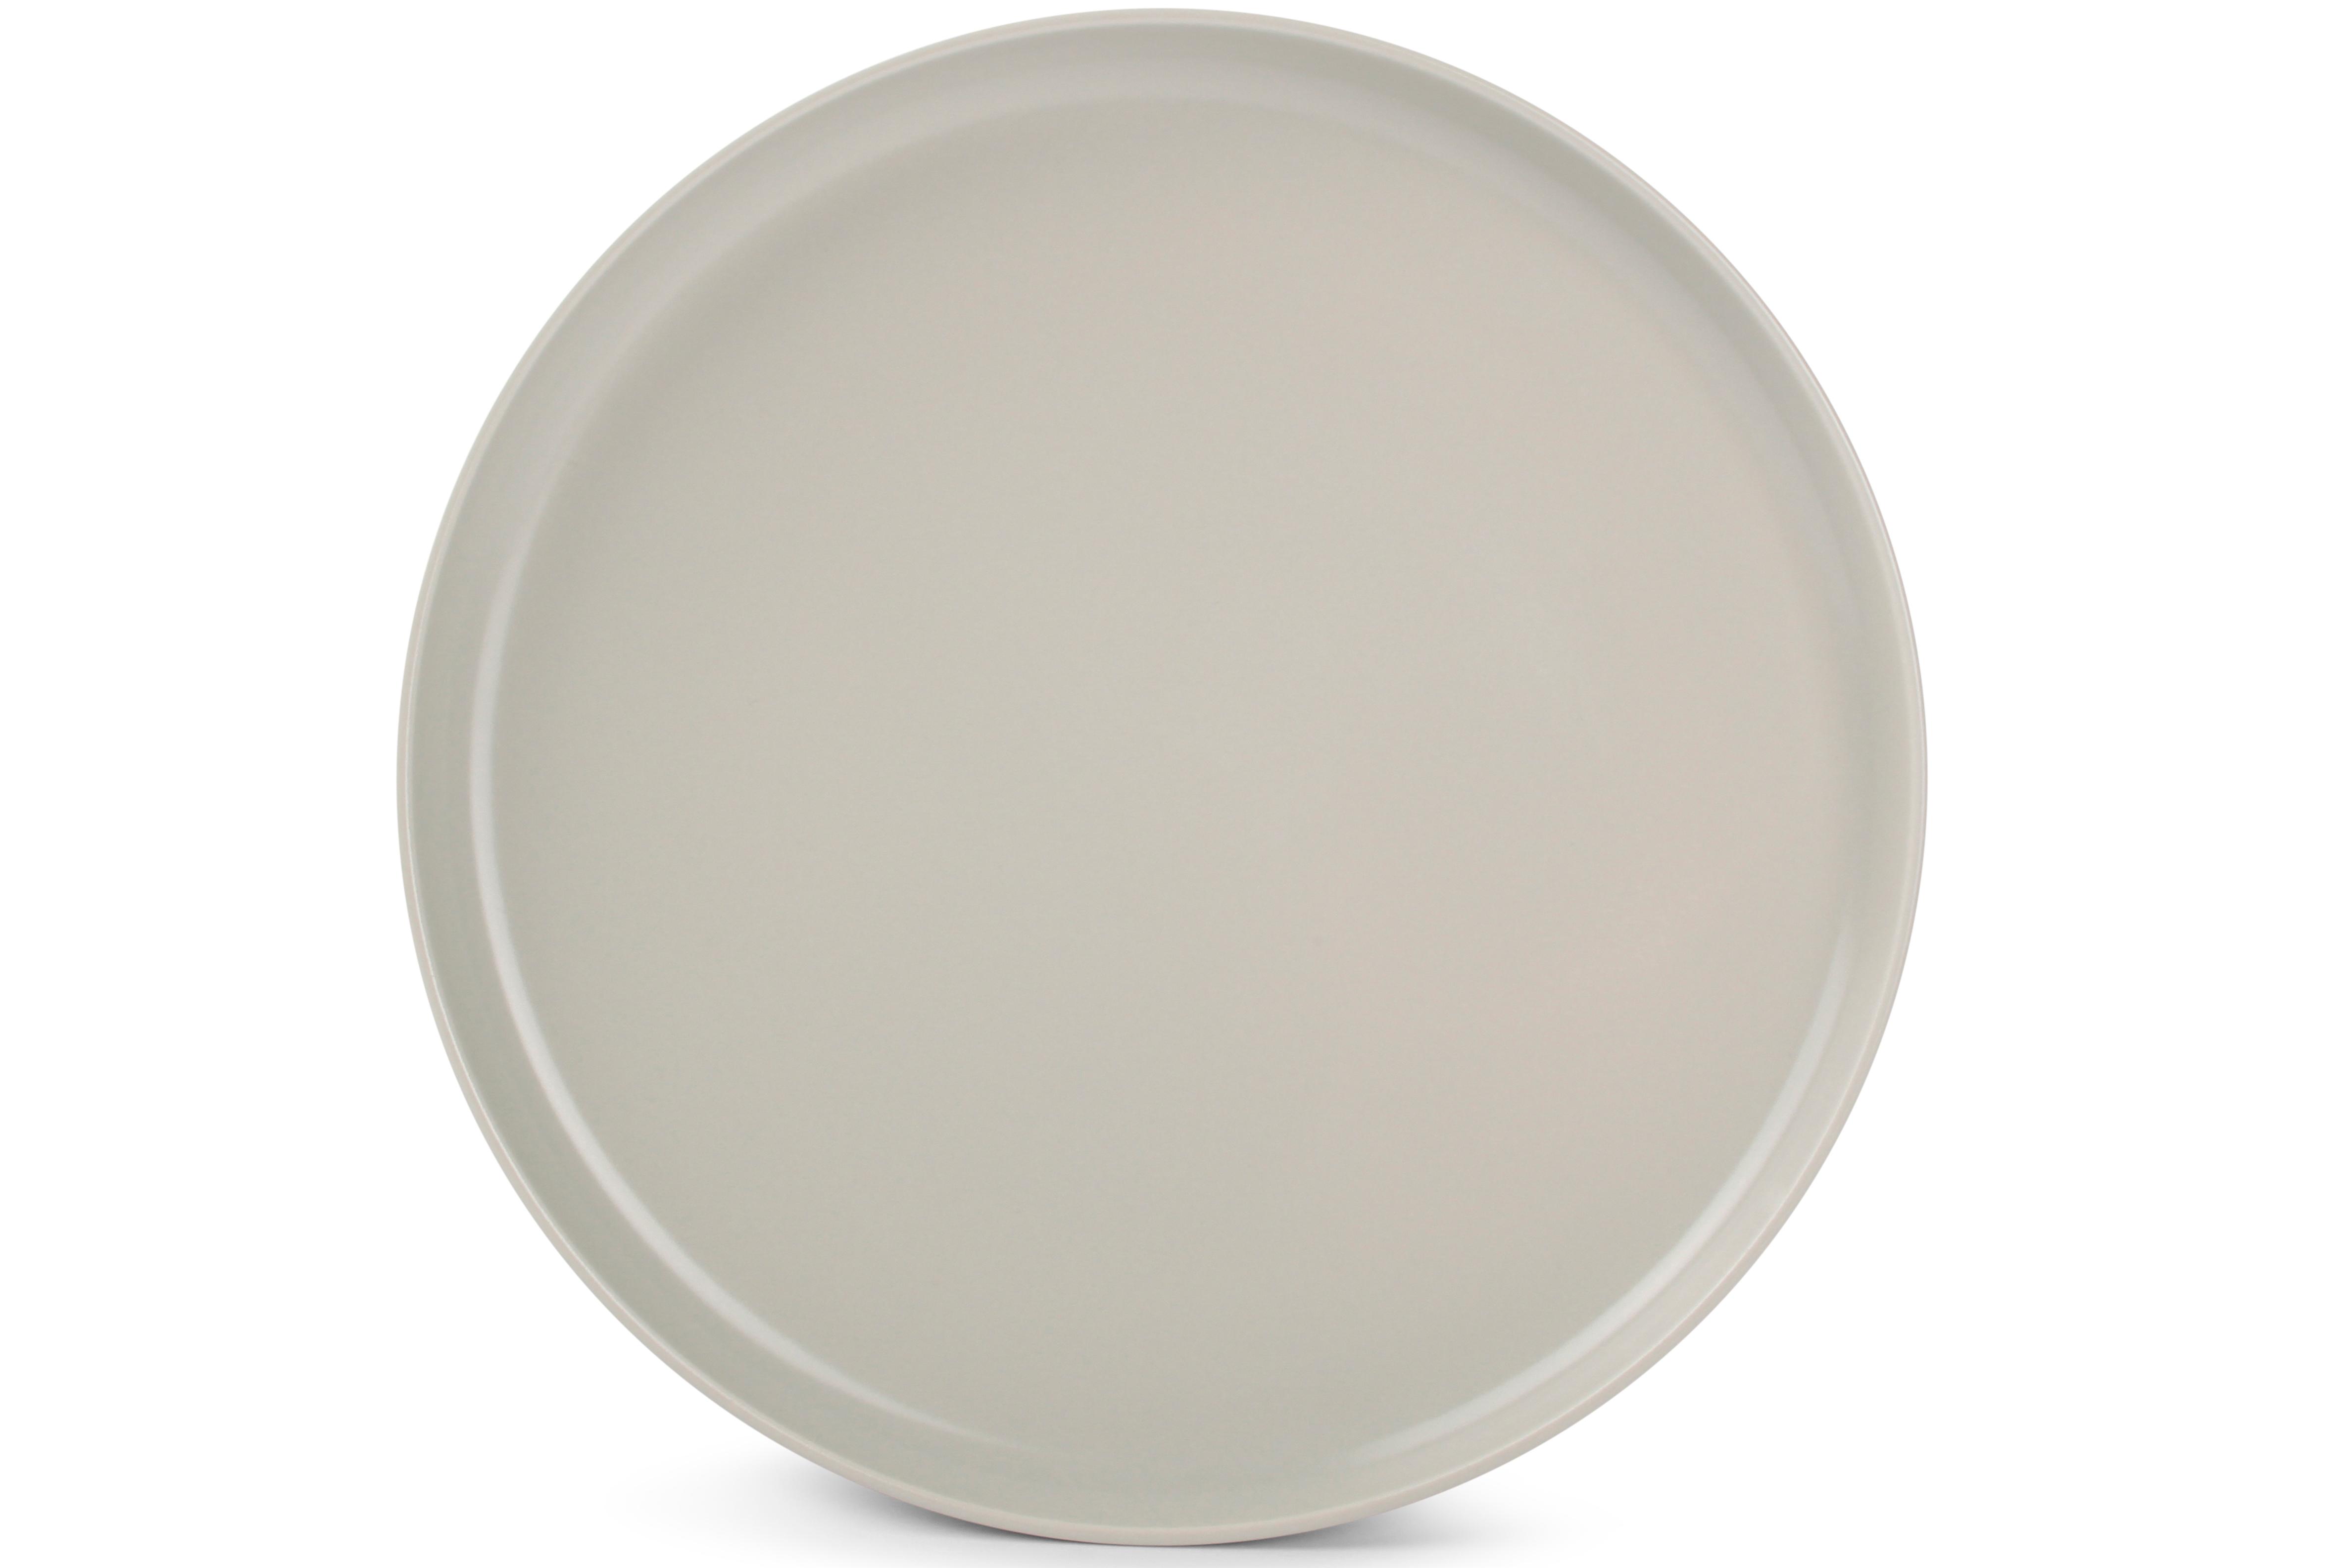 Lot de 6 - Assiette plate beige Ø 27cm